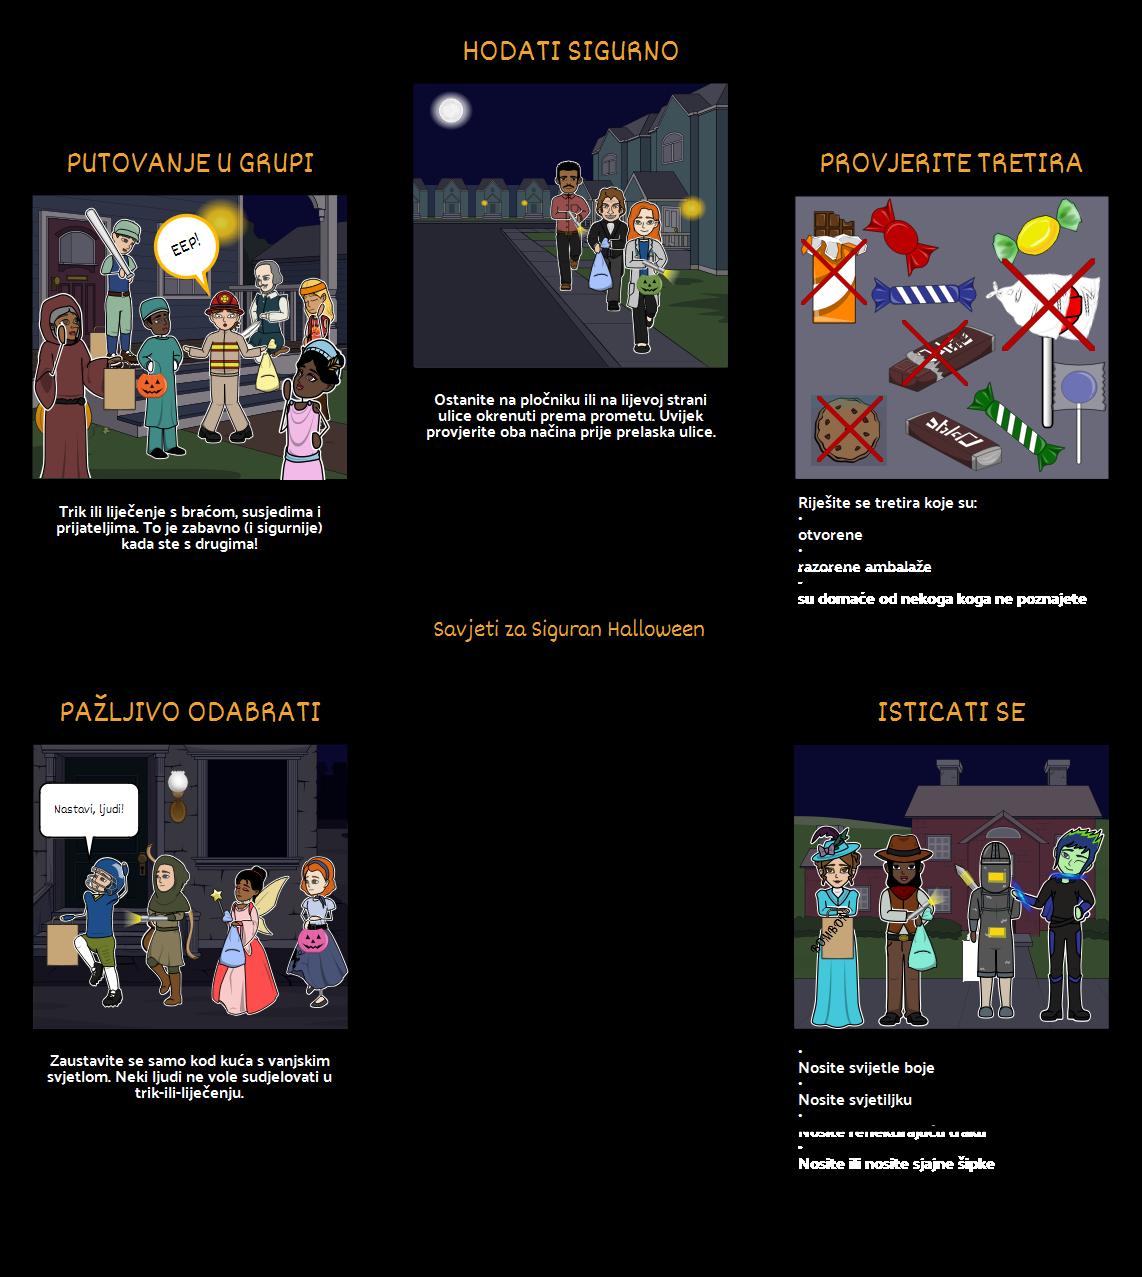 Aktivnosti u noć Vještica - Sigurnost